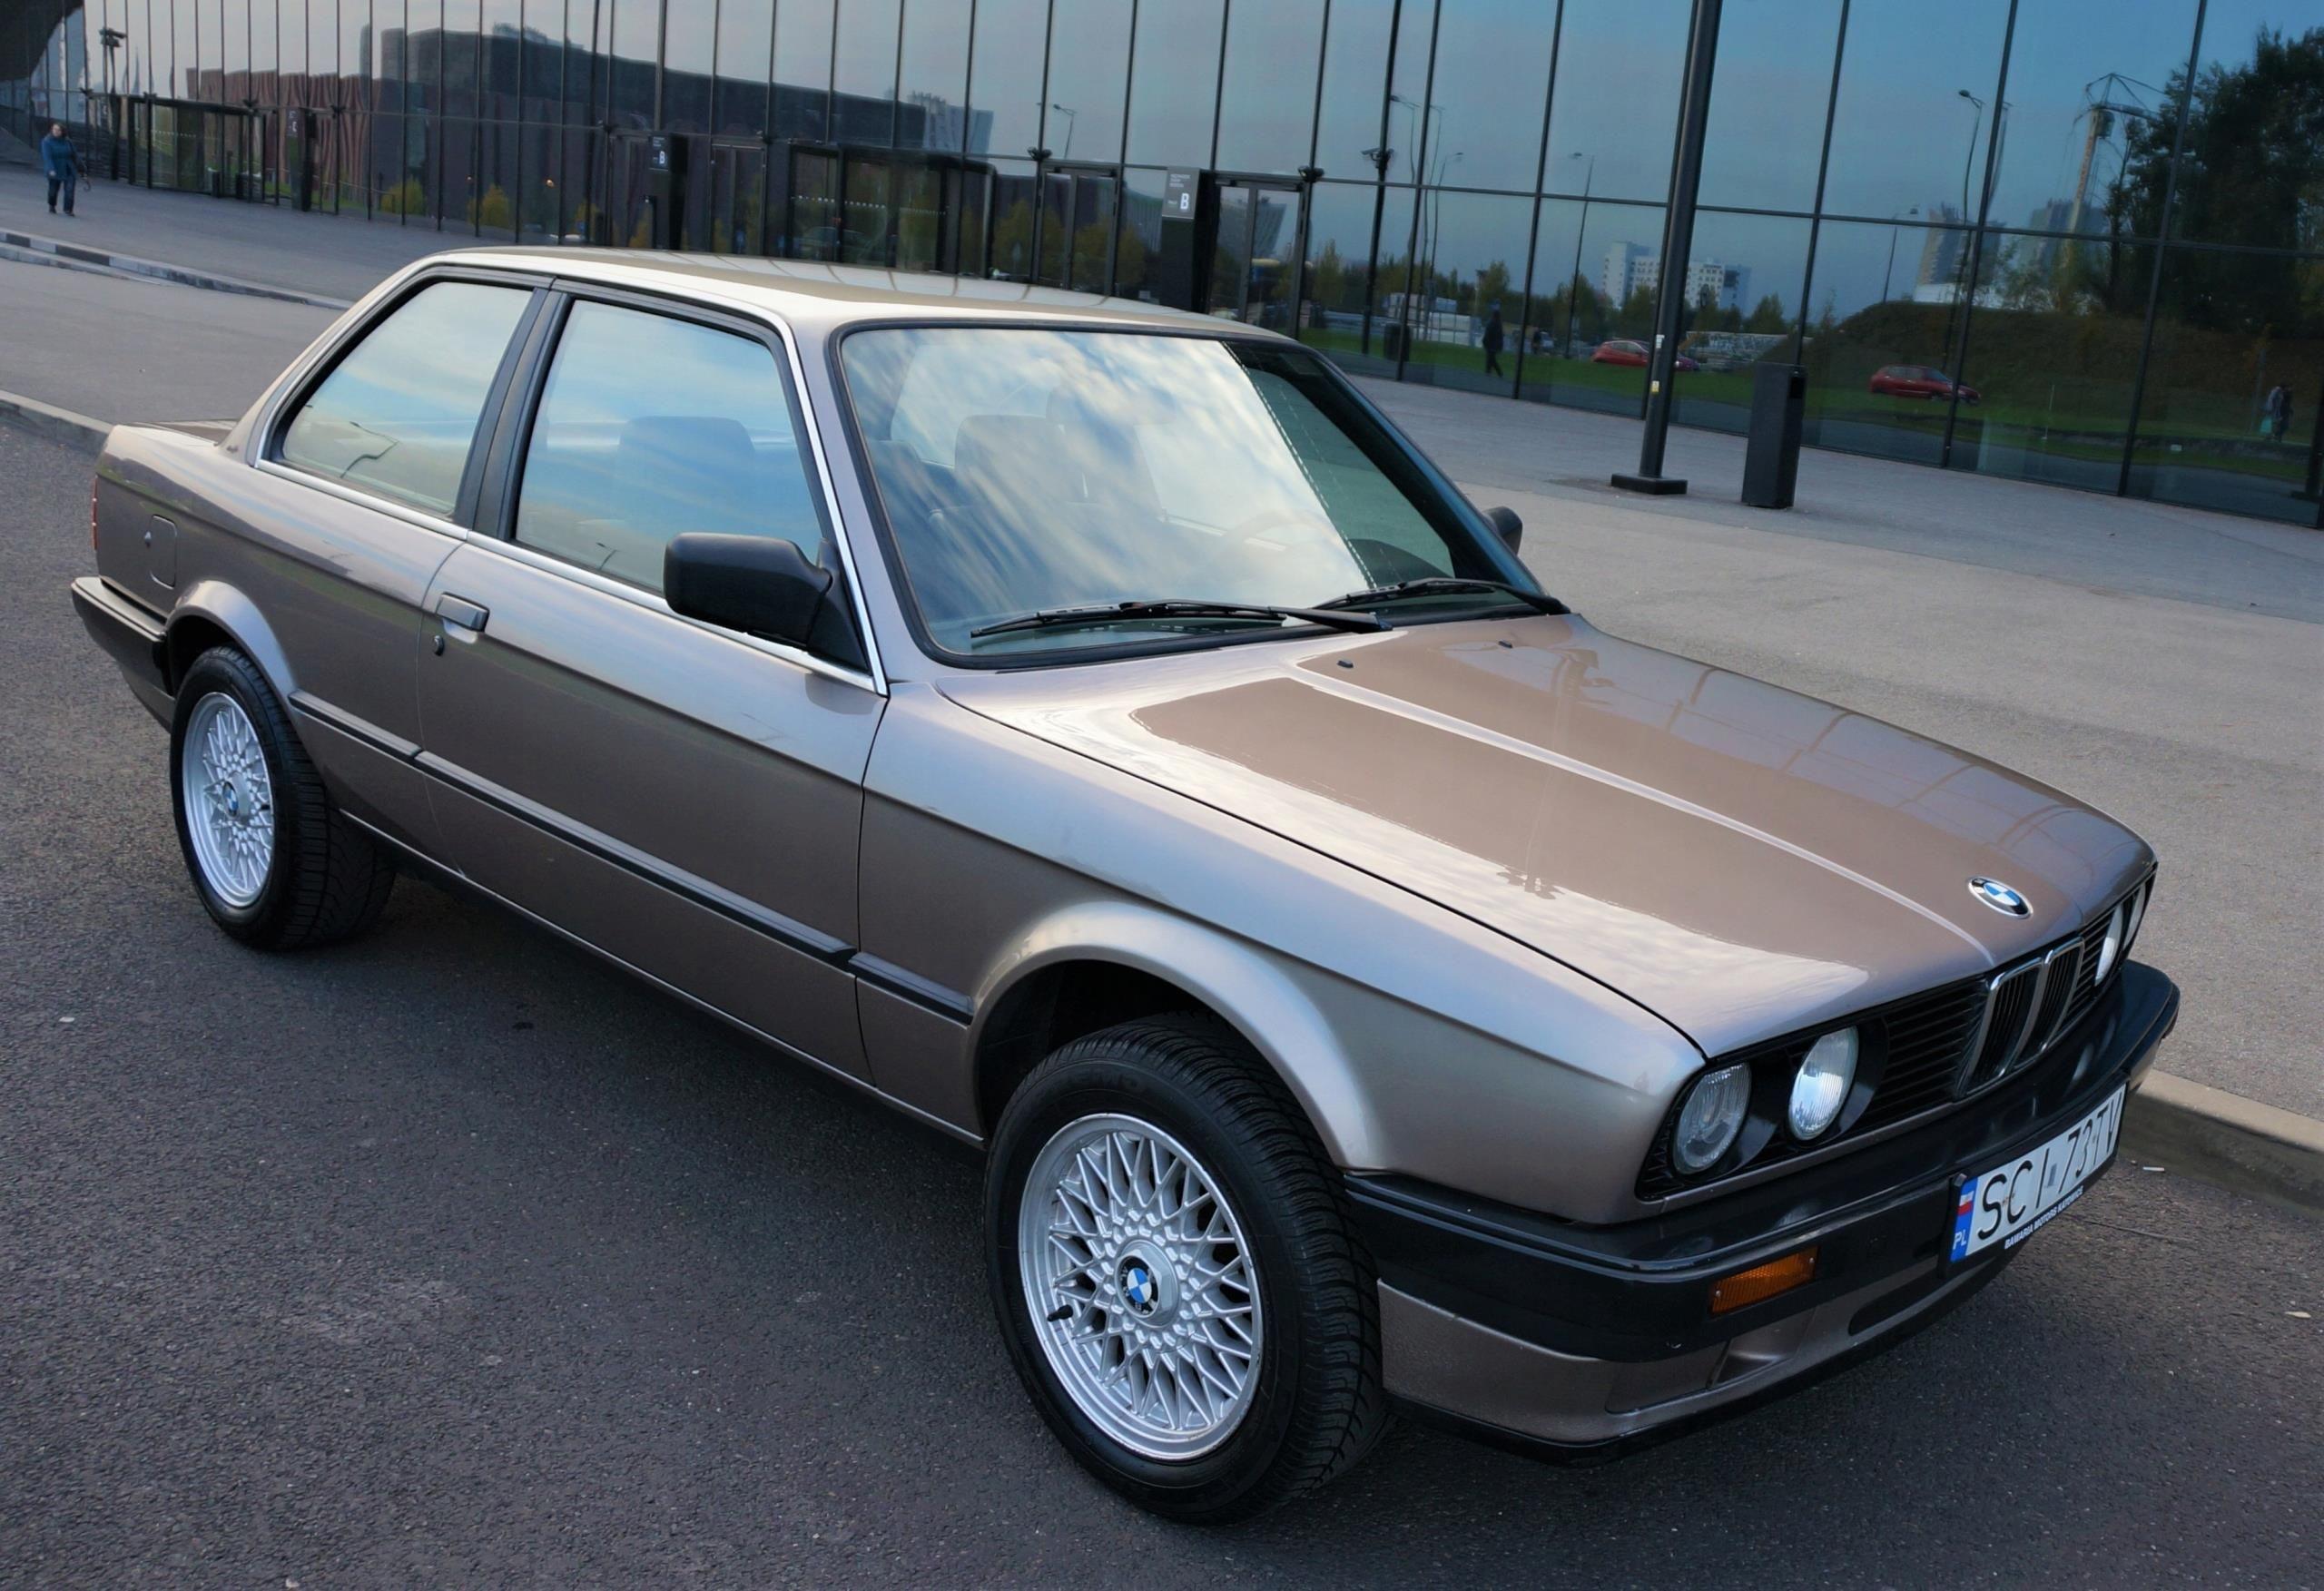 BMW e30 100% vin IDEAŁ Opinie i ceny na Ceneo.pl